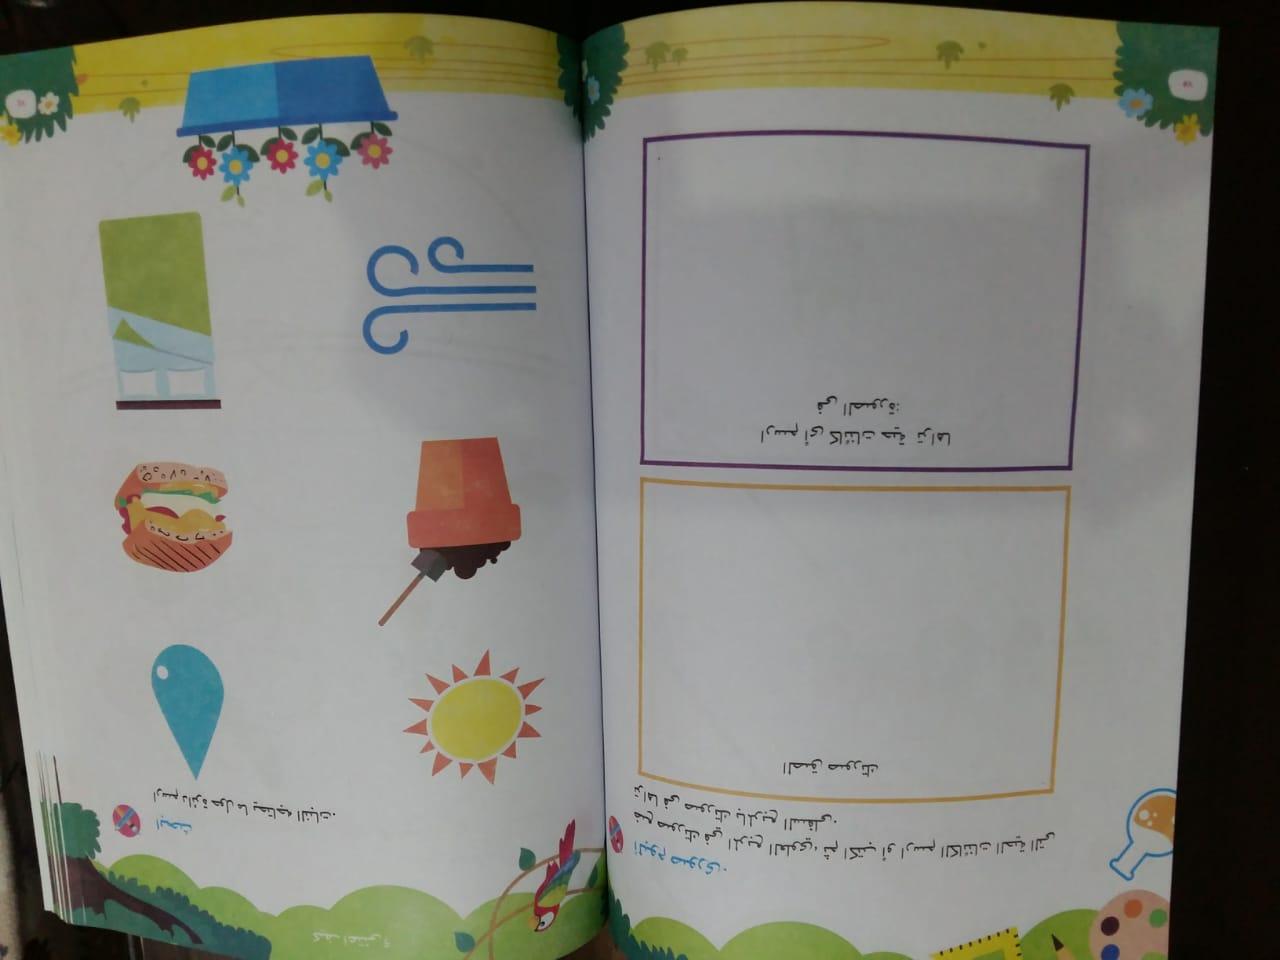 منهج رياض الأطفال الجديد (23)